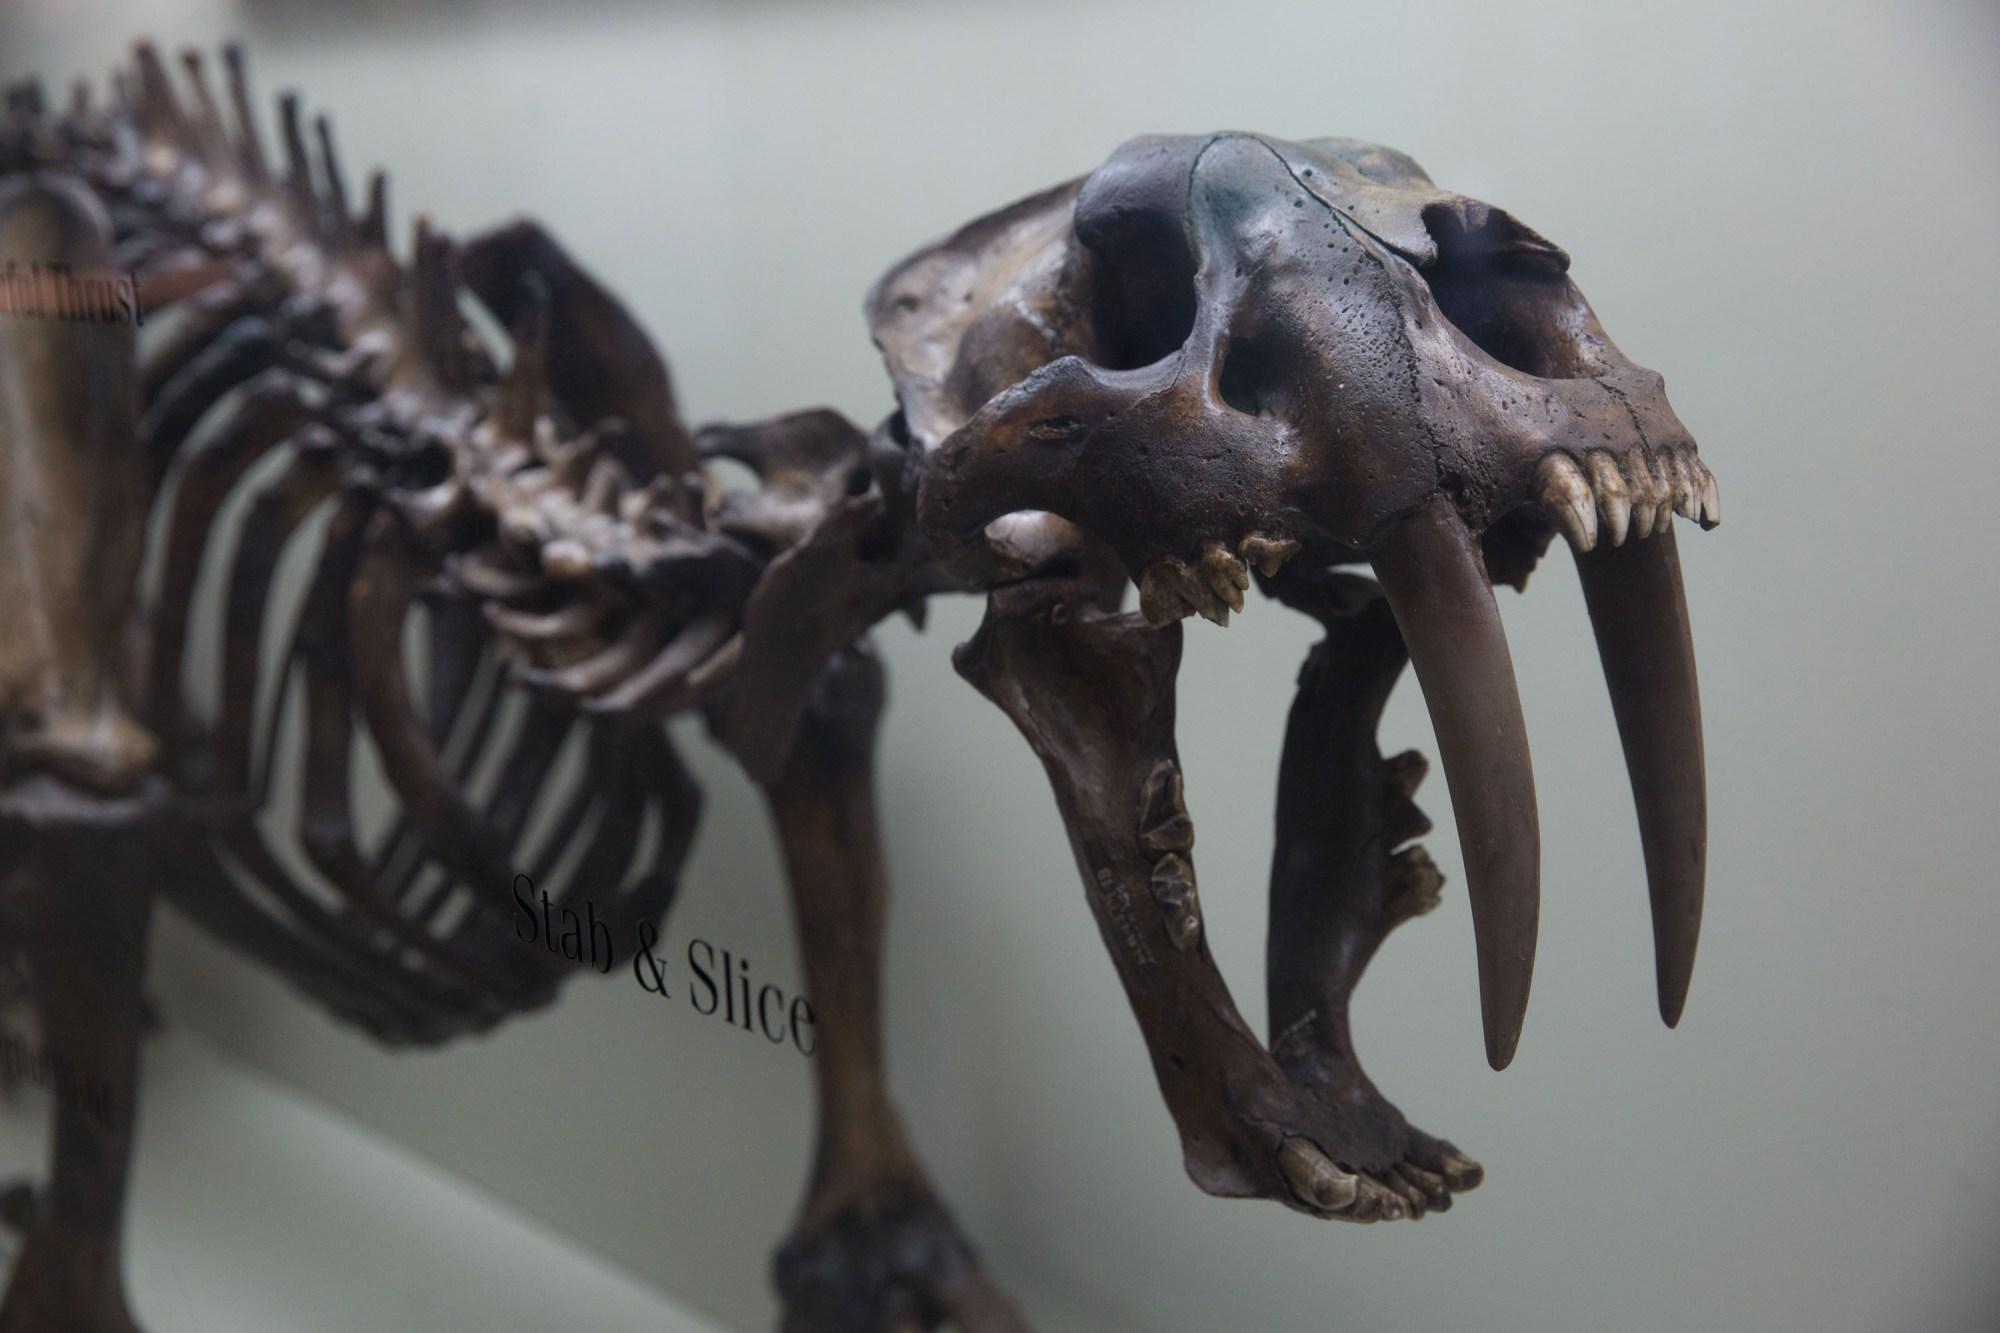 Un fósil de un tigre dientes de sable en el museo George C. Page, La Brea Tar Pits, Los Ángeles, EE.UU.